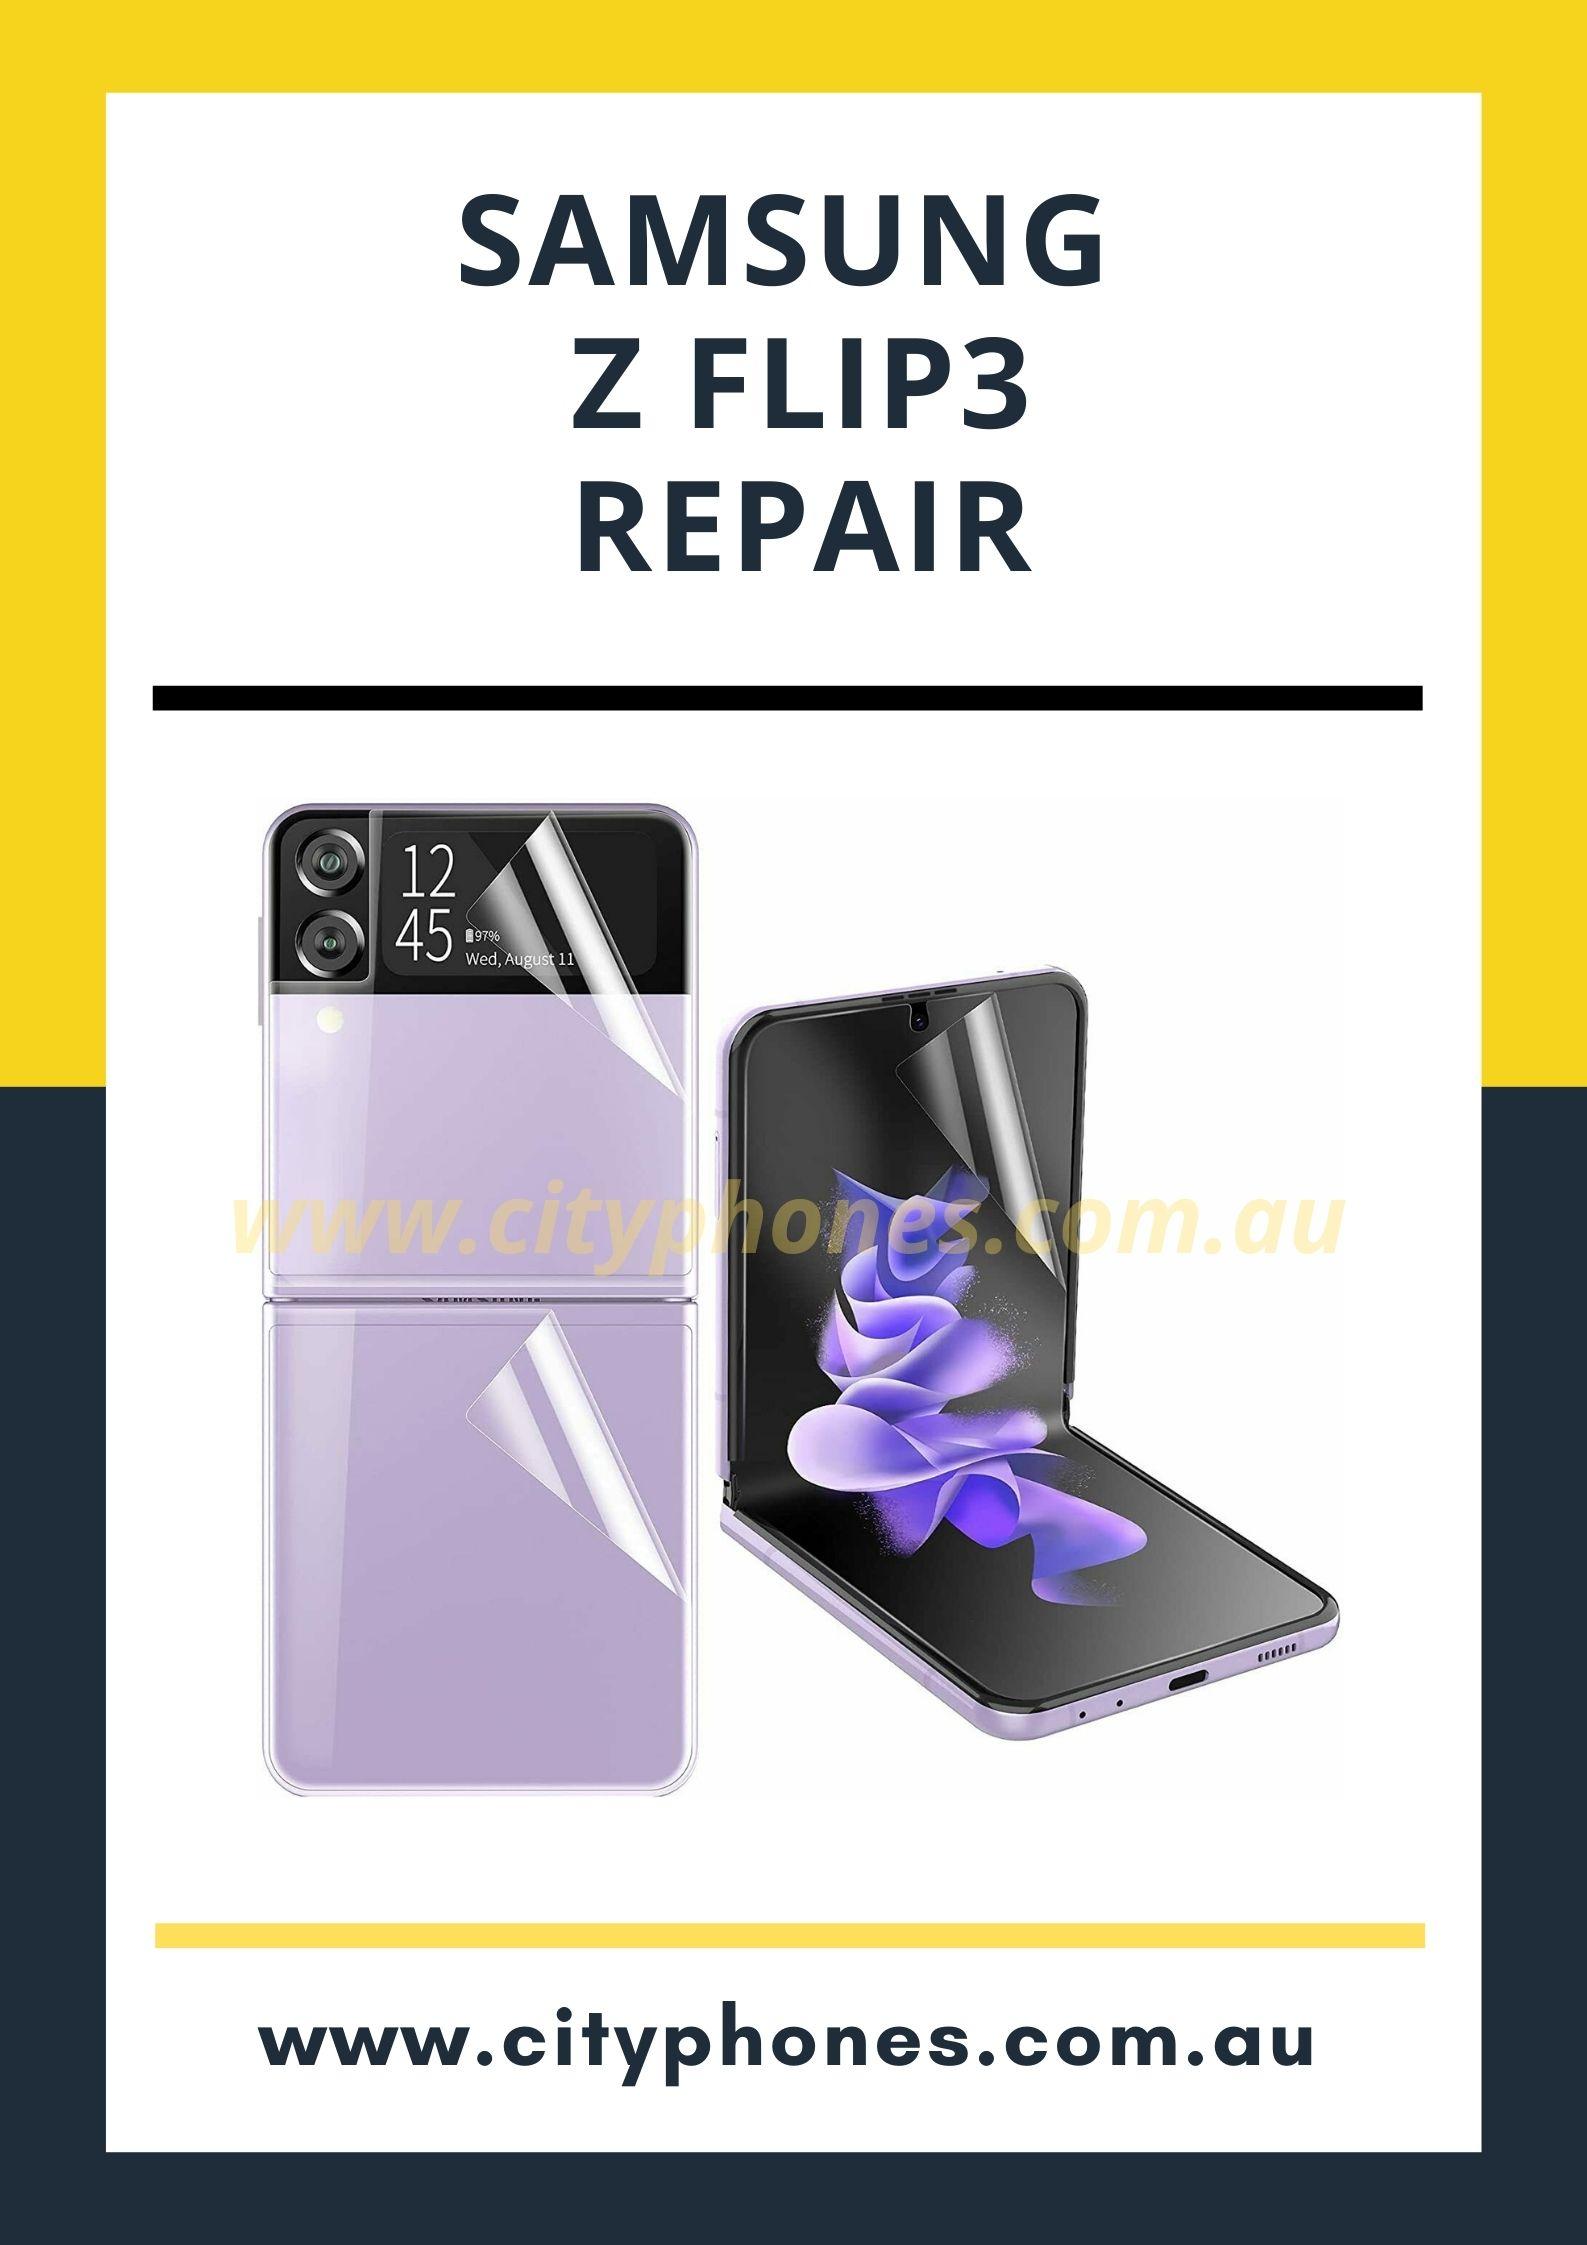 samsung z flip3 repair